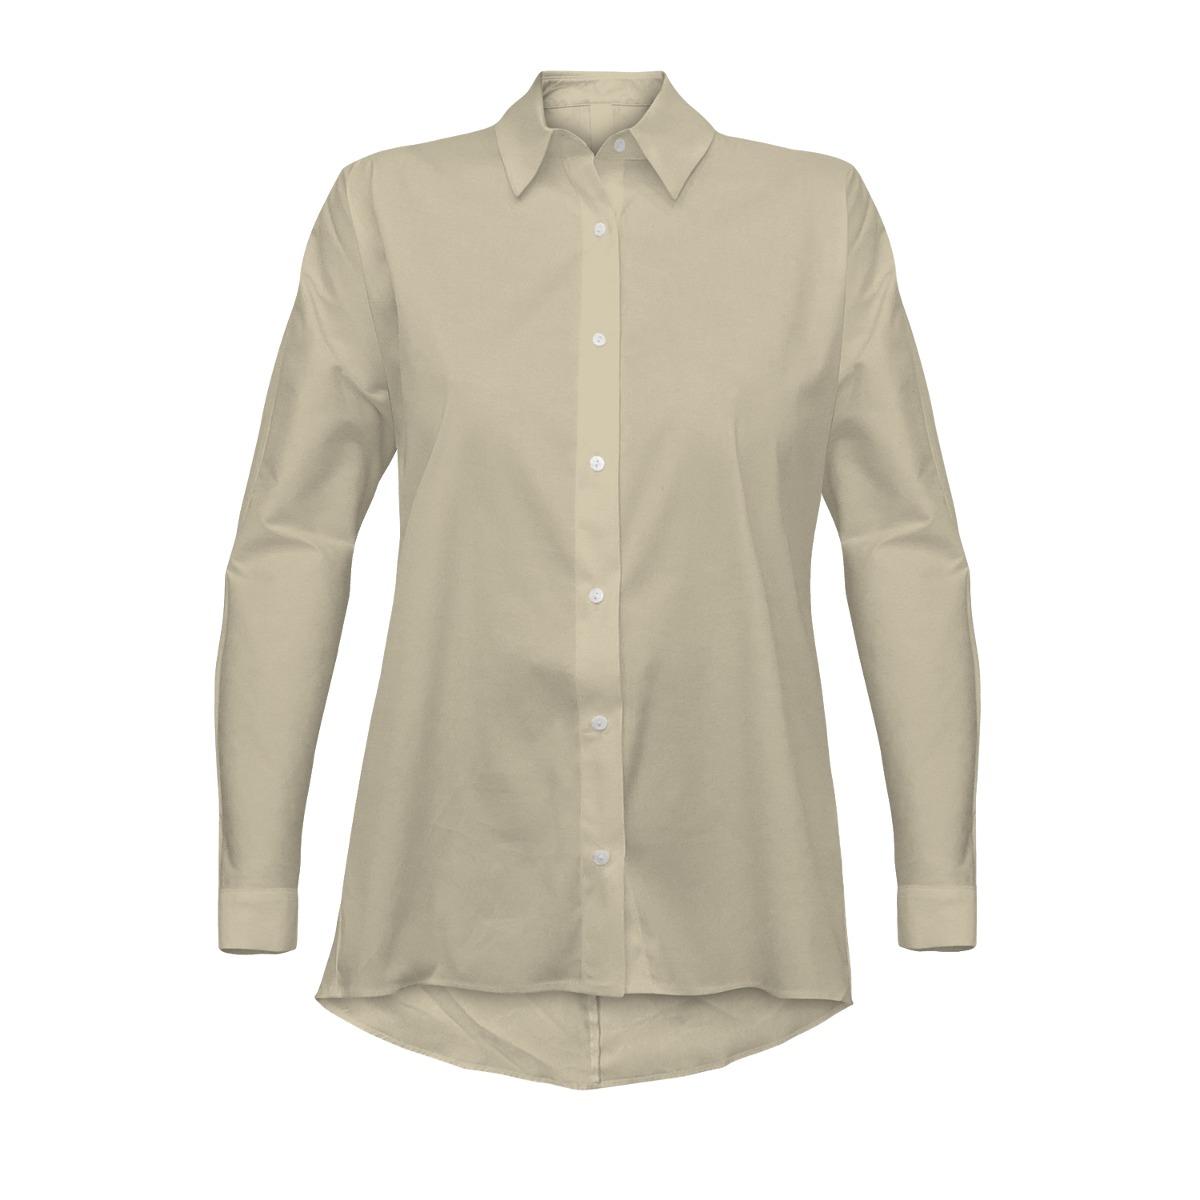 834c40c16 camisa -color-siete-para-mujer-beige-D NQ NP 668833-MCO26161460694 102017-F.jpg